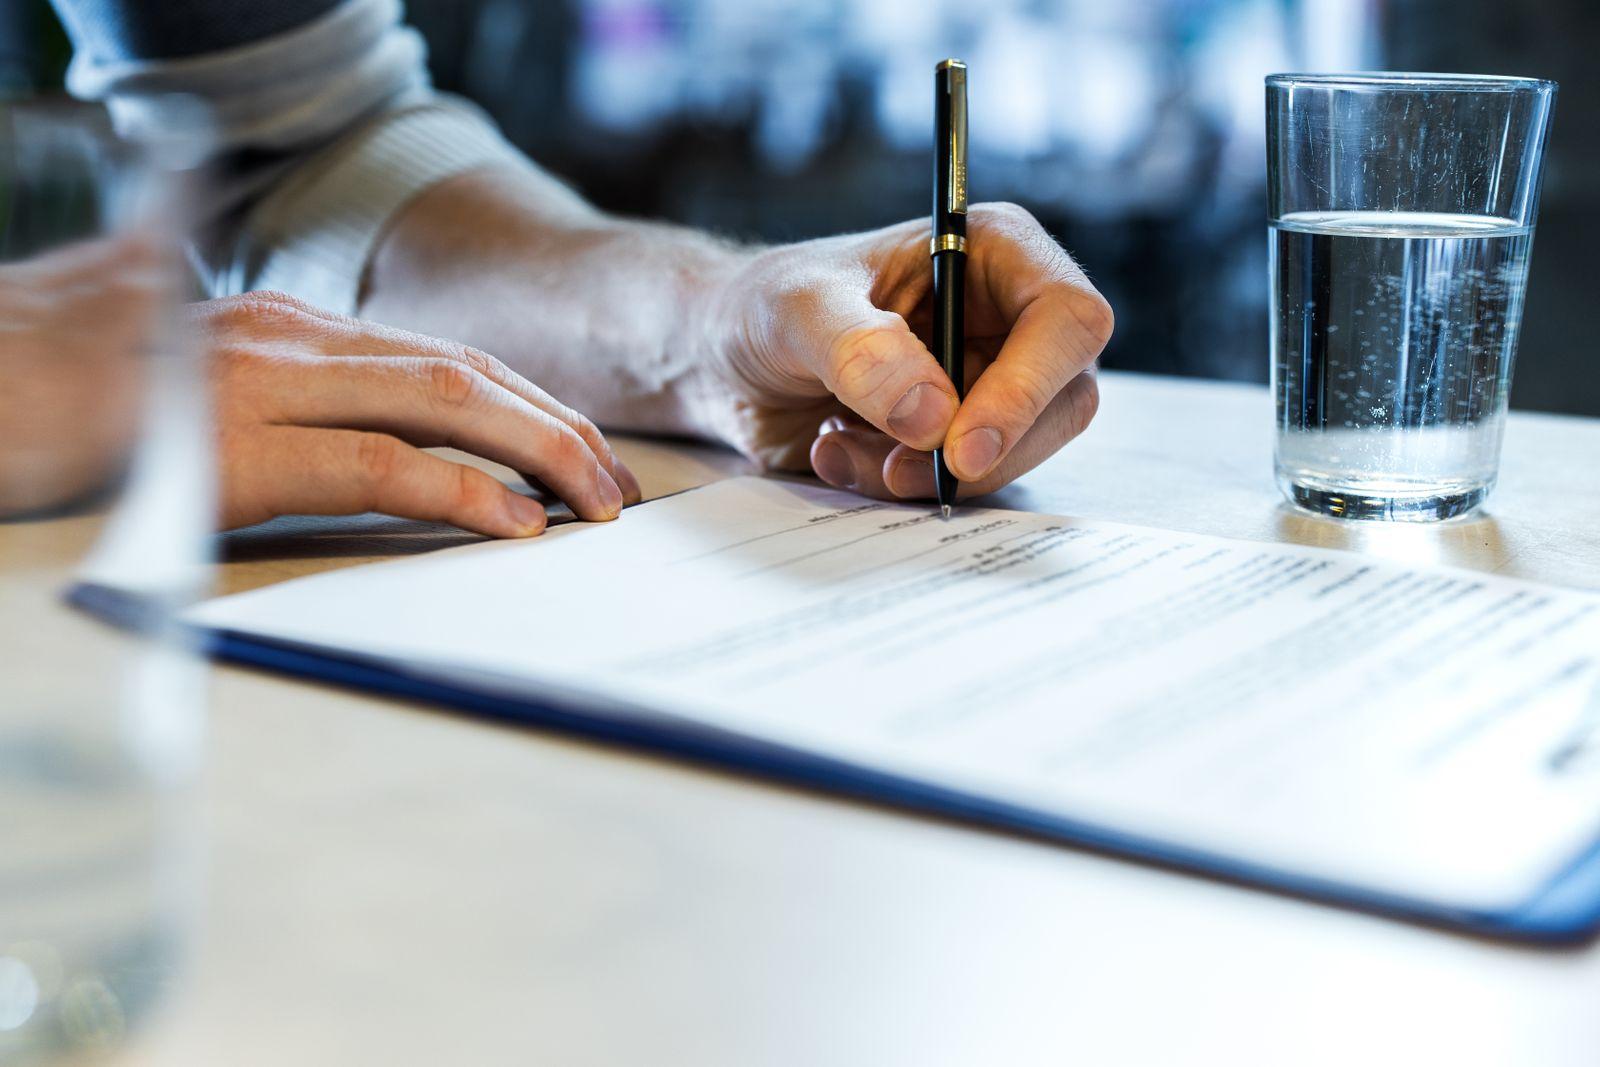 aviser de son départ signer papiers